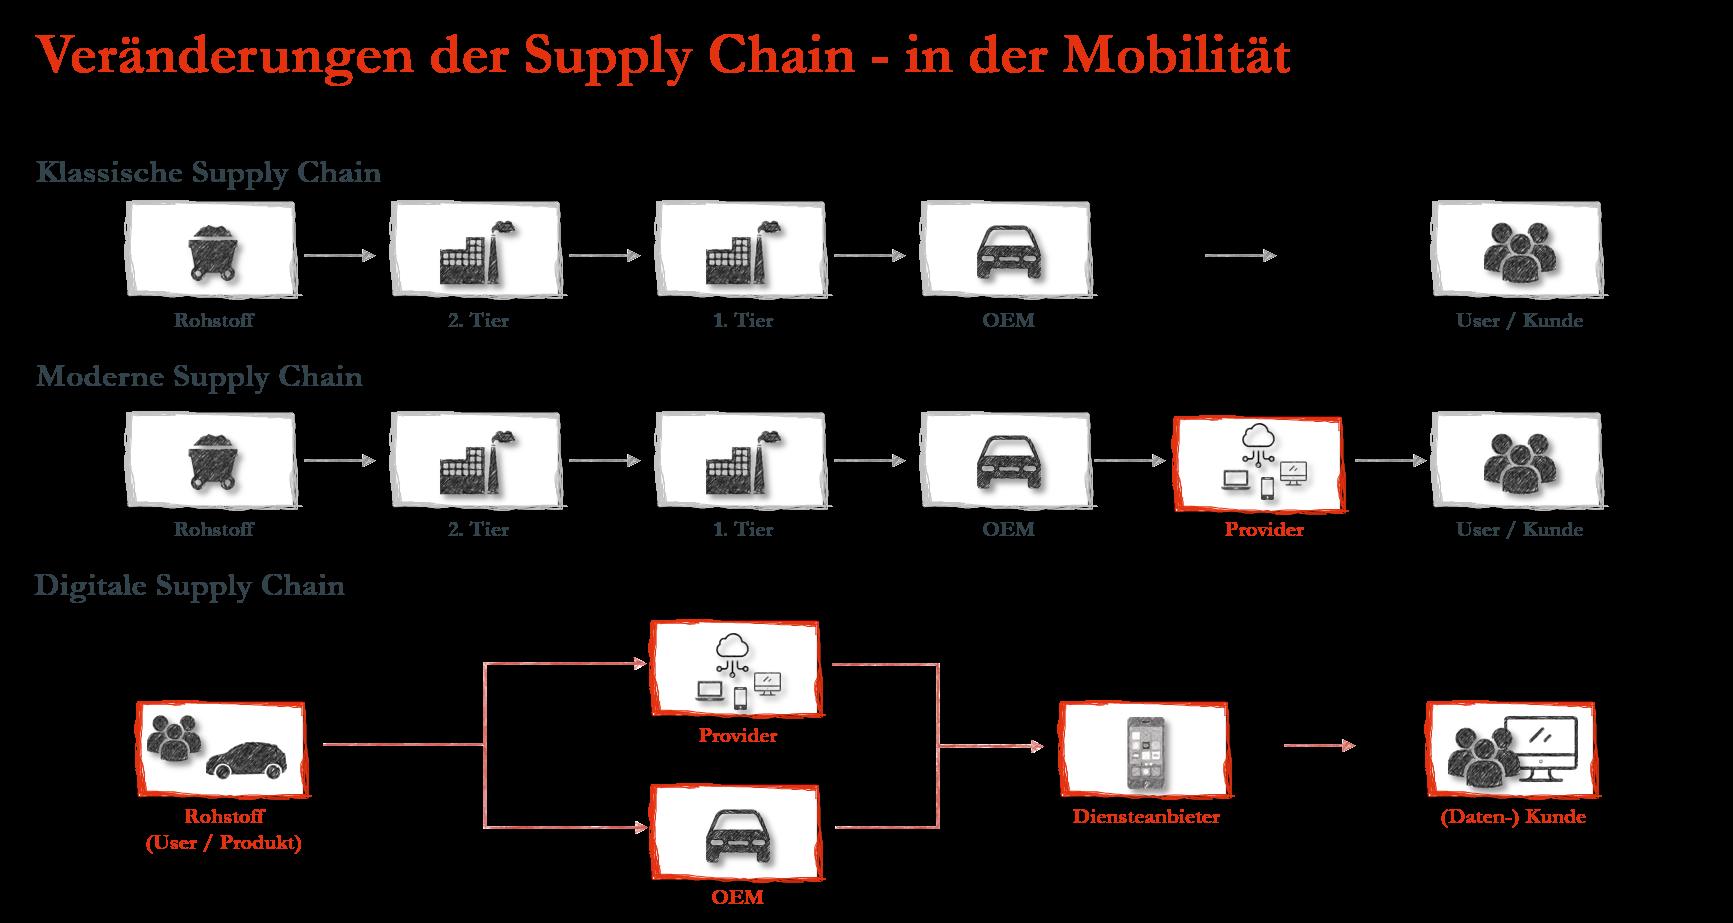 Groß Buzzwords Der Supply Chain Ideen - Beispiel Anschreiben für ...